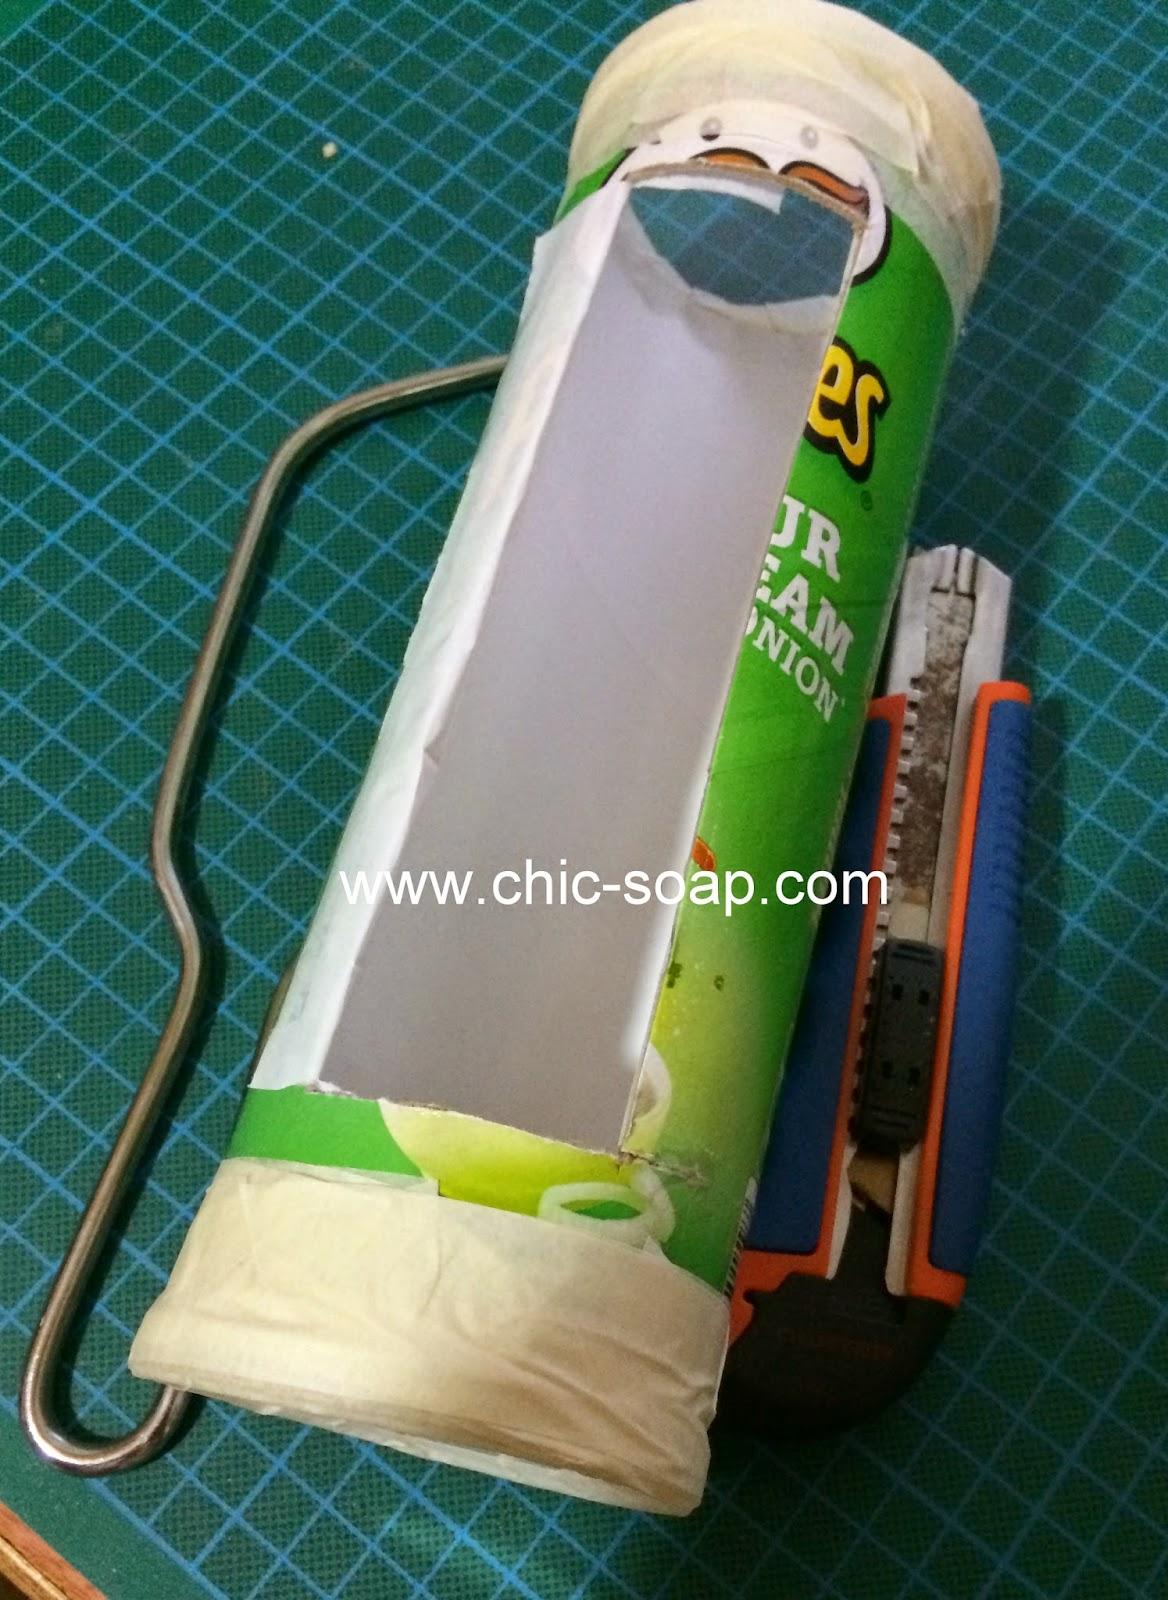 Tubo de Pringles adaptado a molde para hacer jabón horizontal